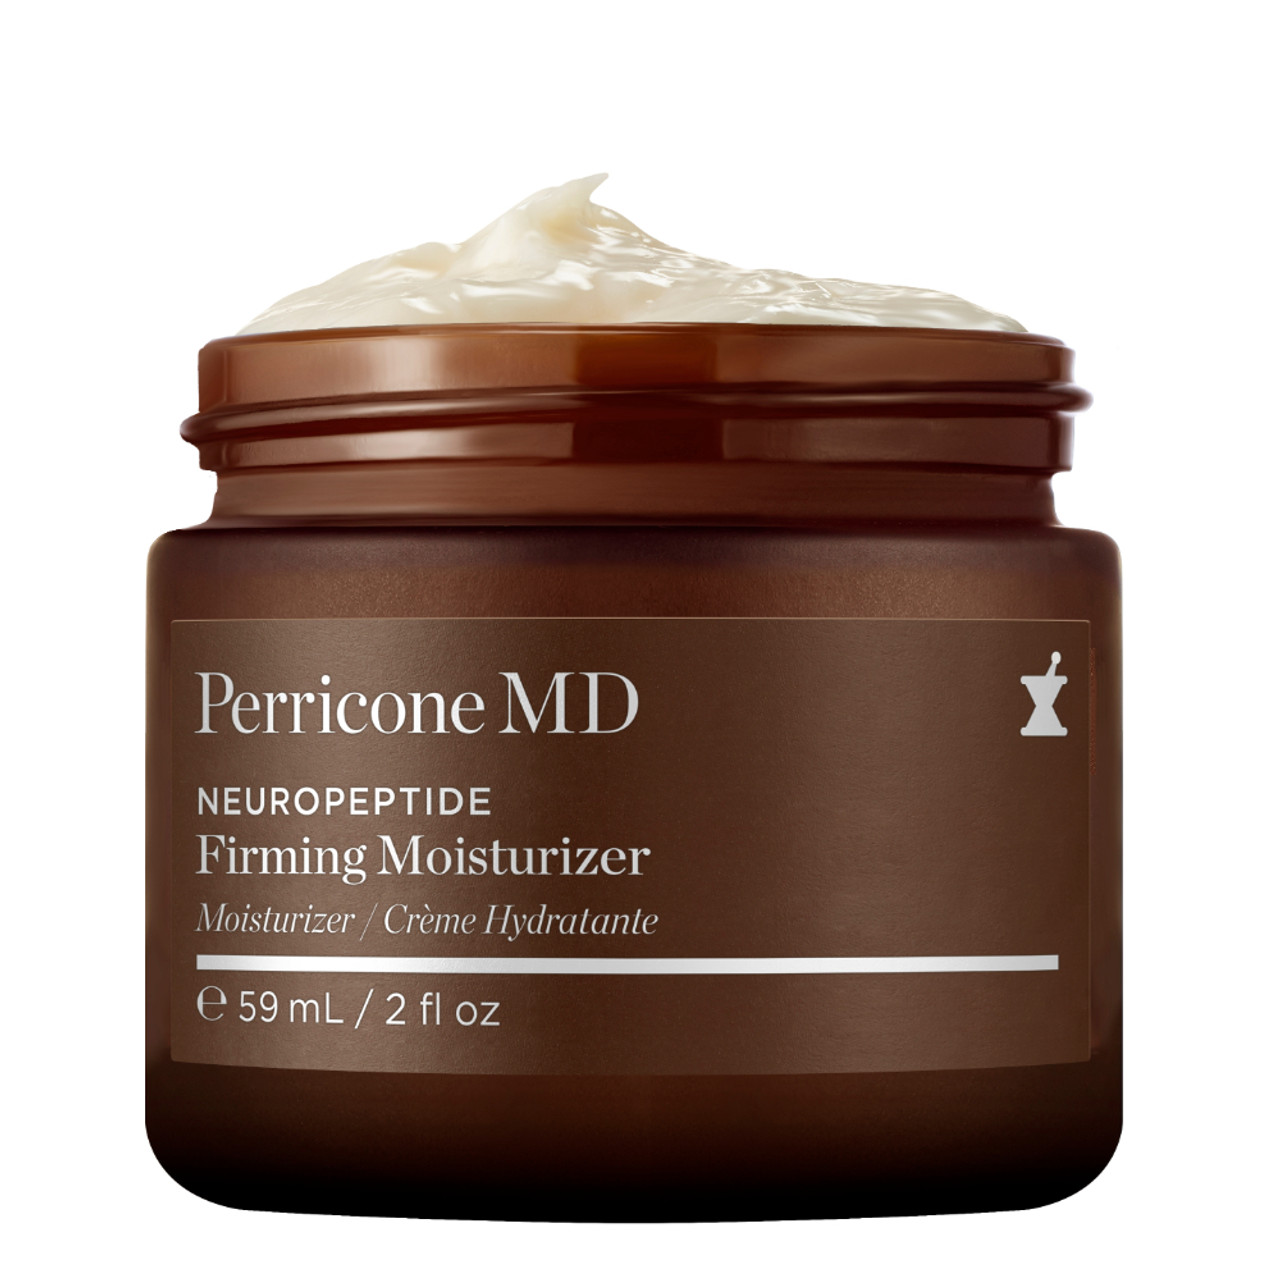 Perricone MD Neuropeptide Firming Moisturizer No Cap